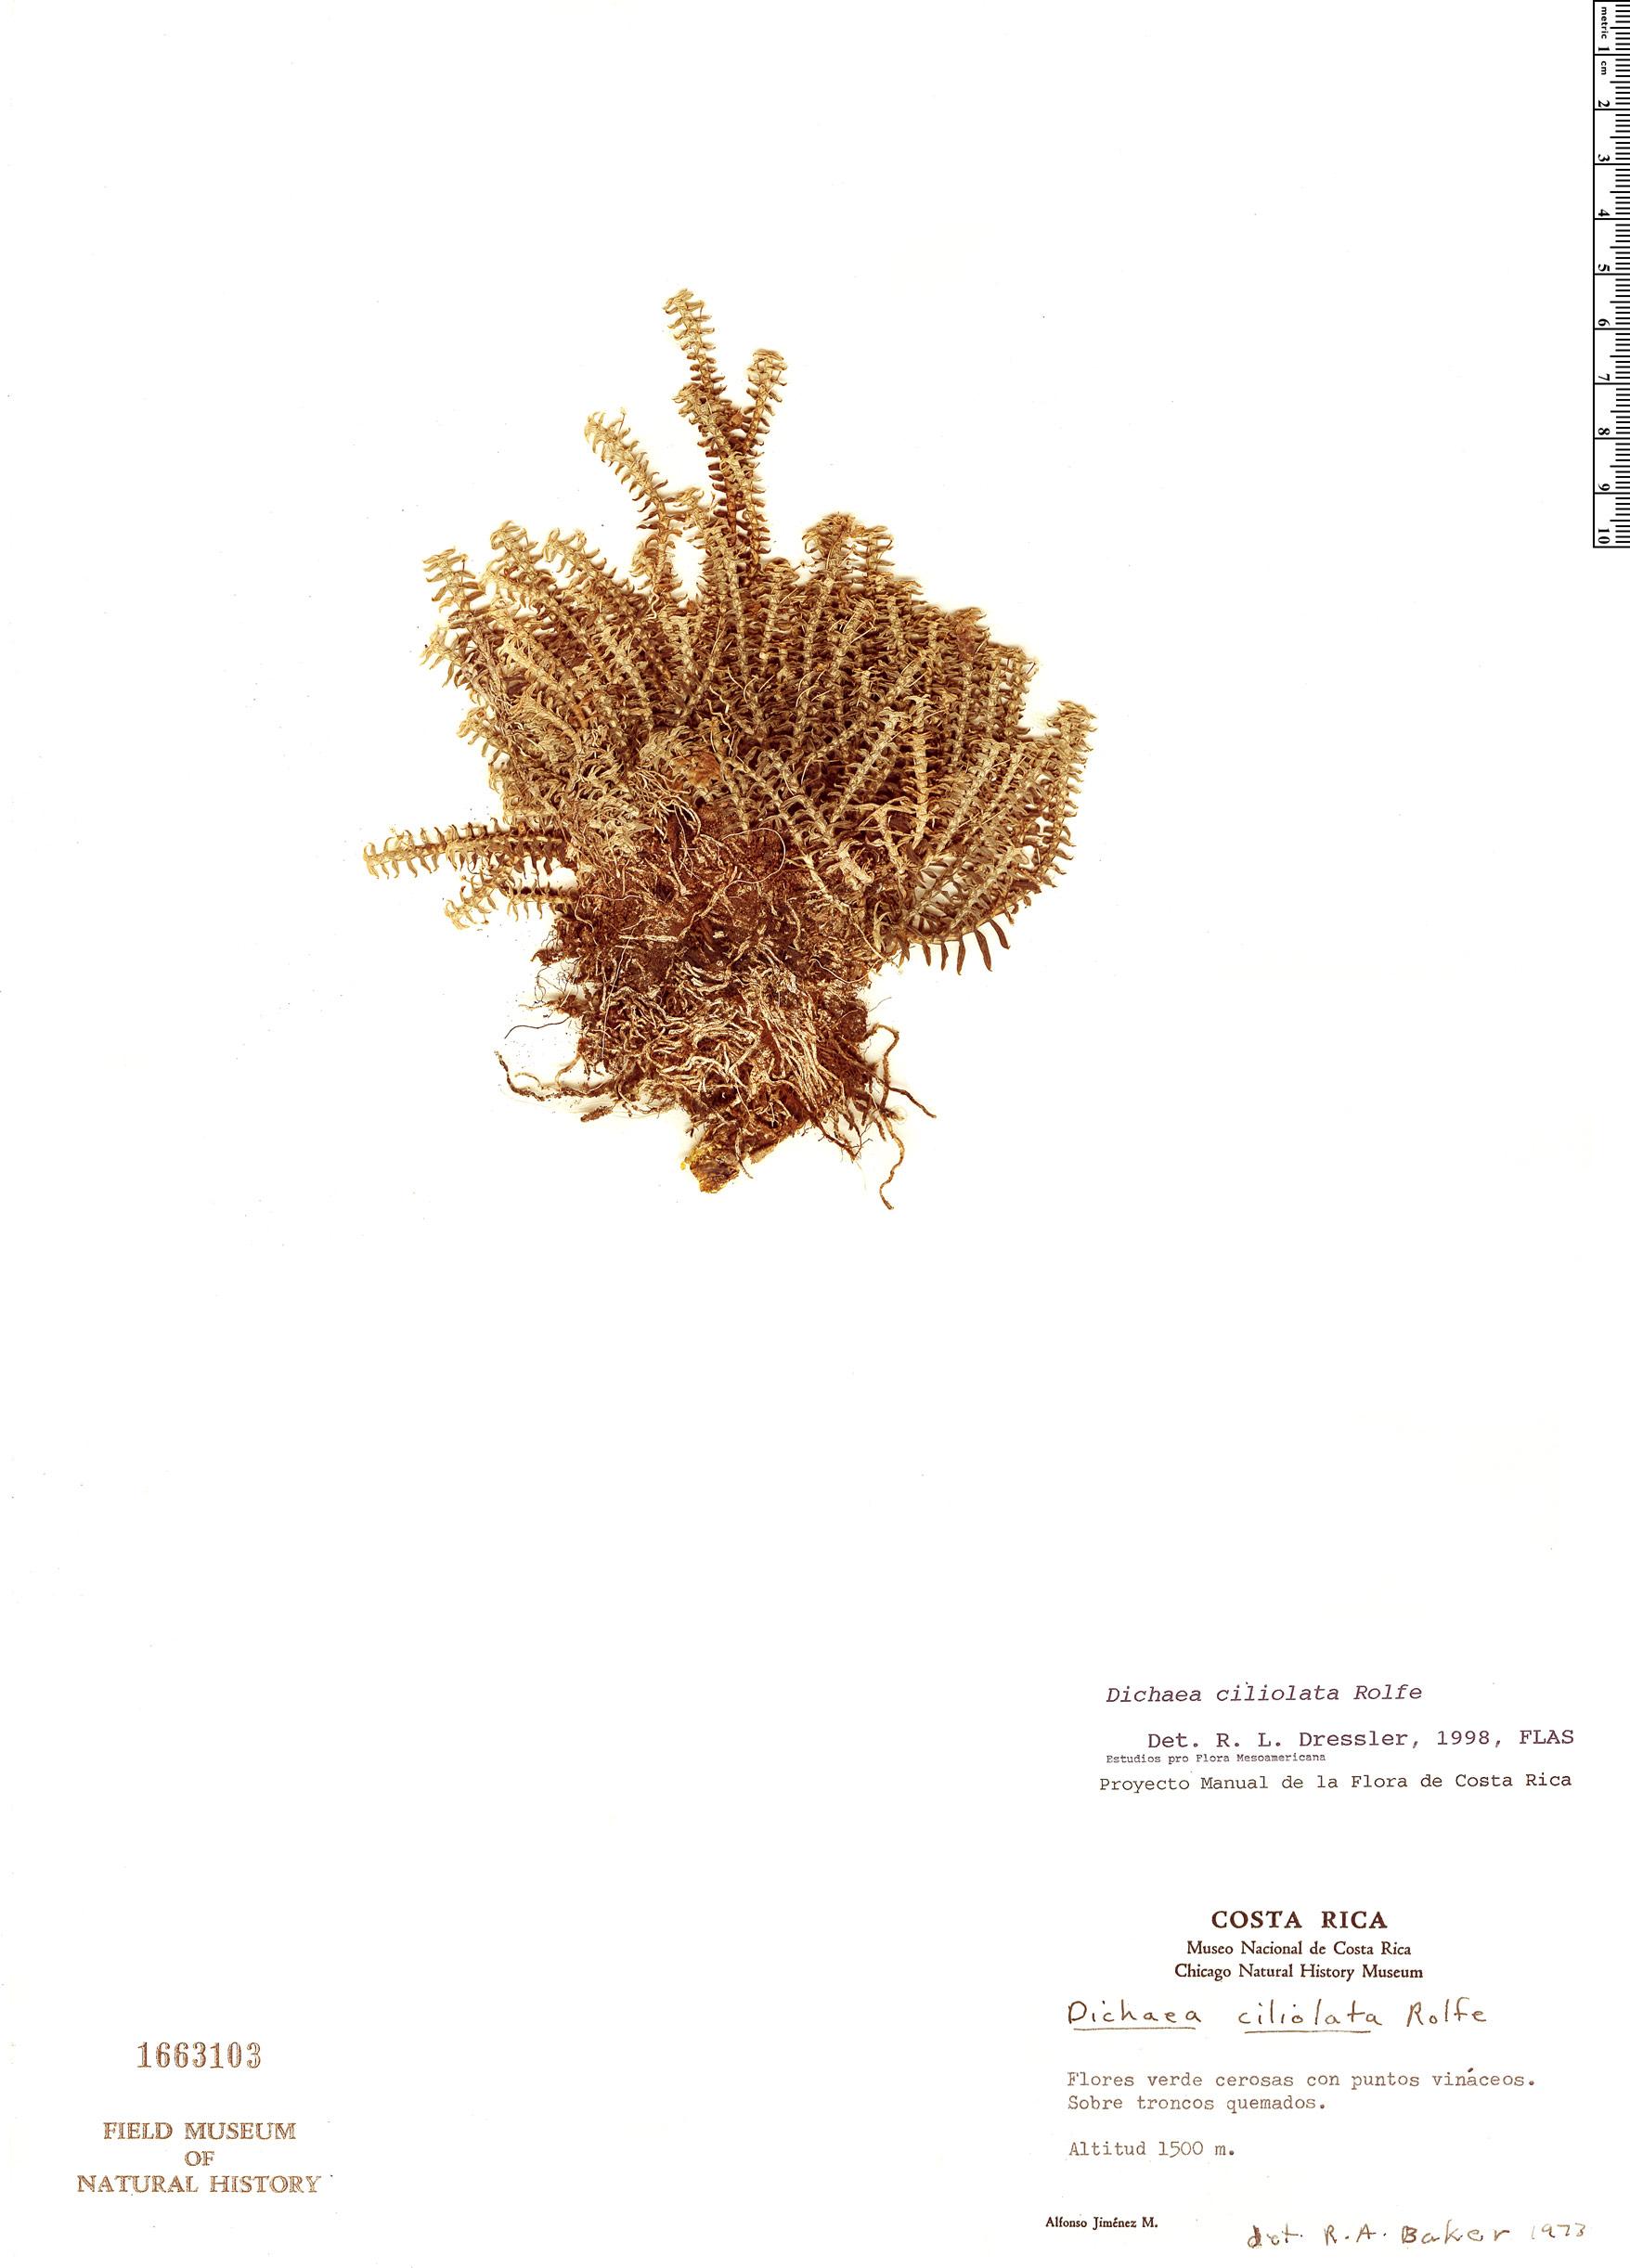 Specimen: Dichaea ciliolata